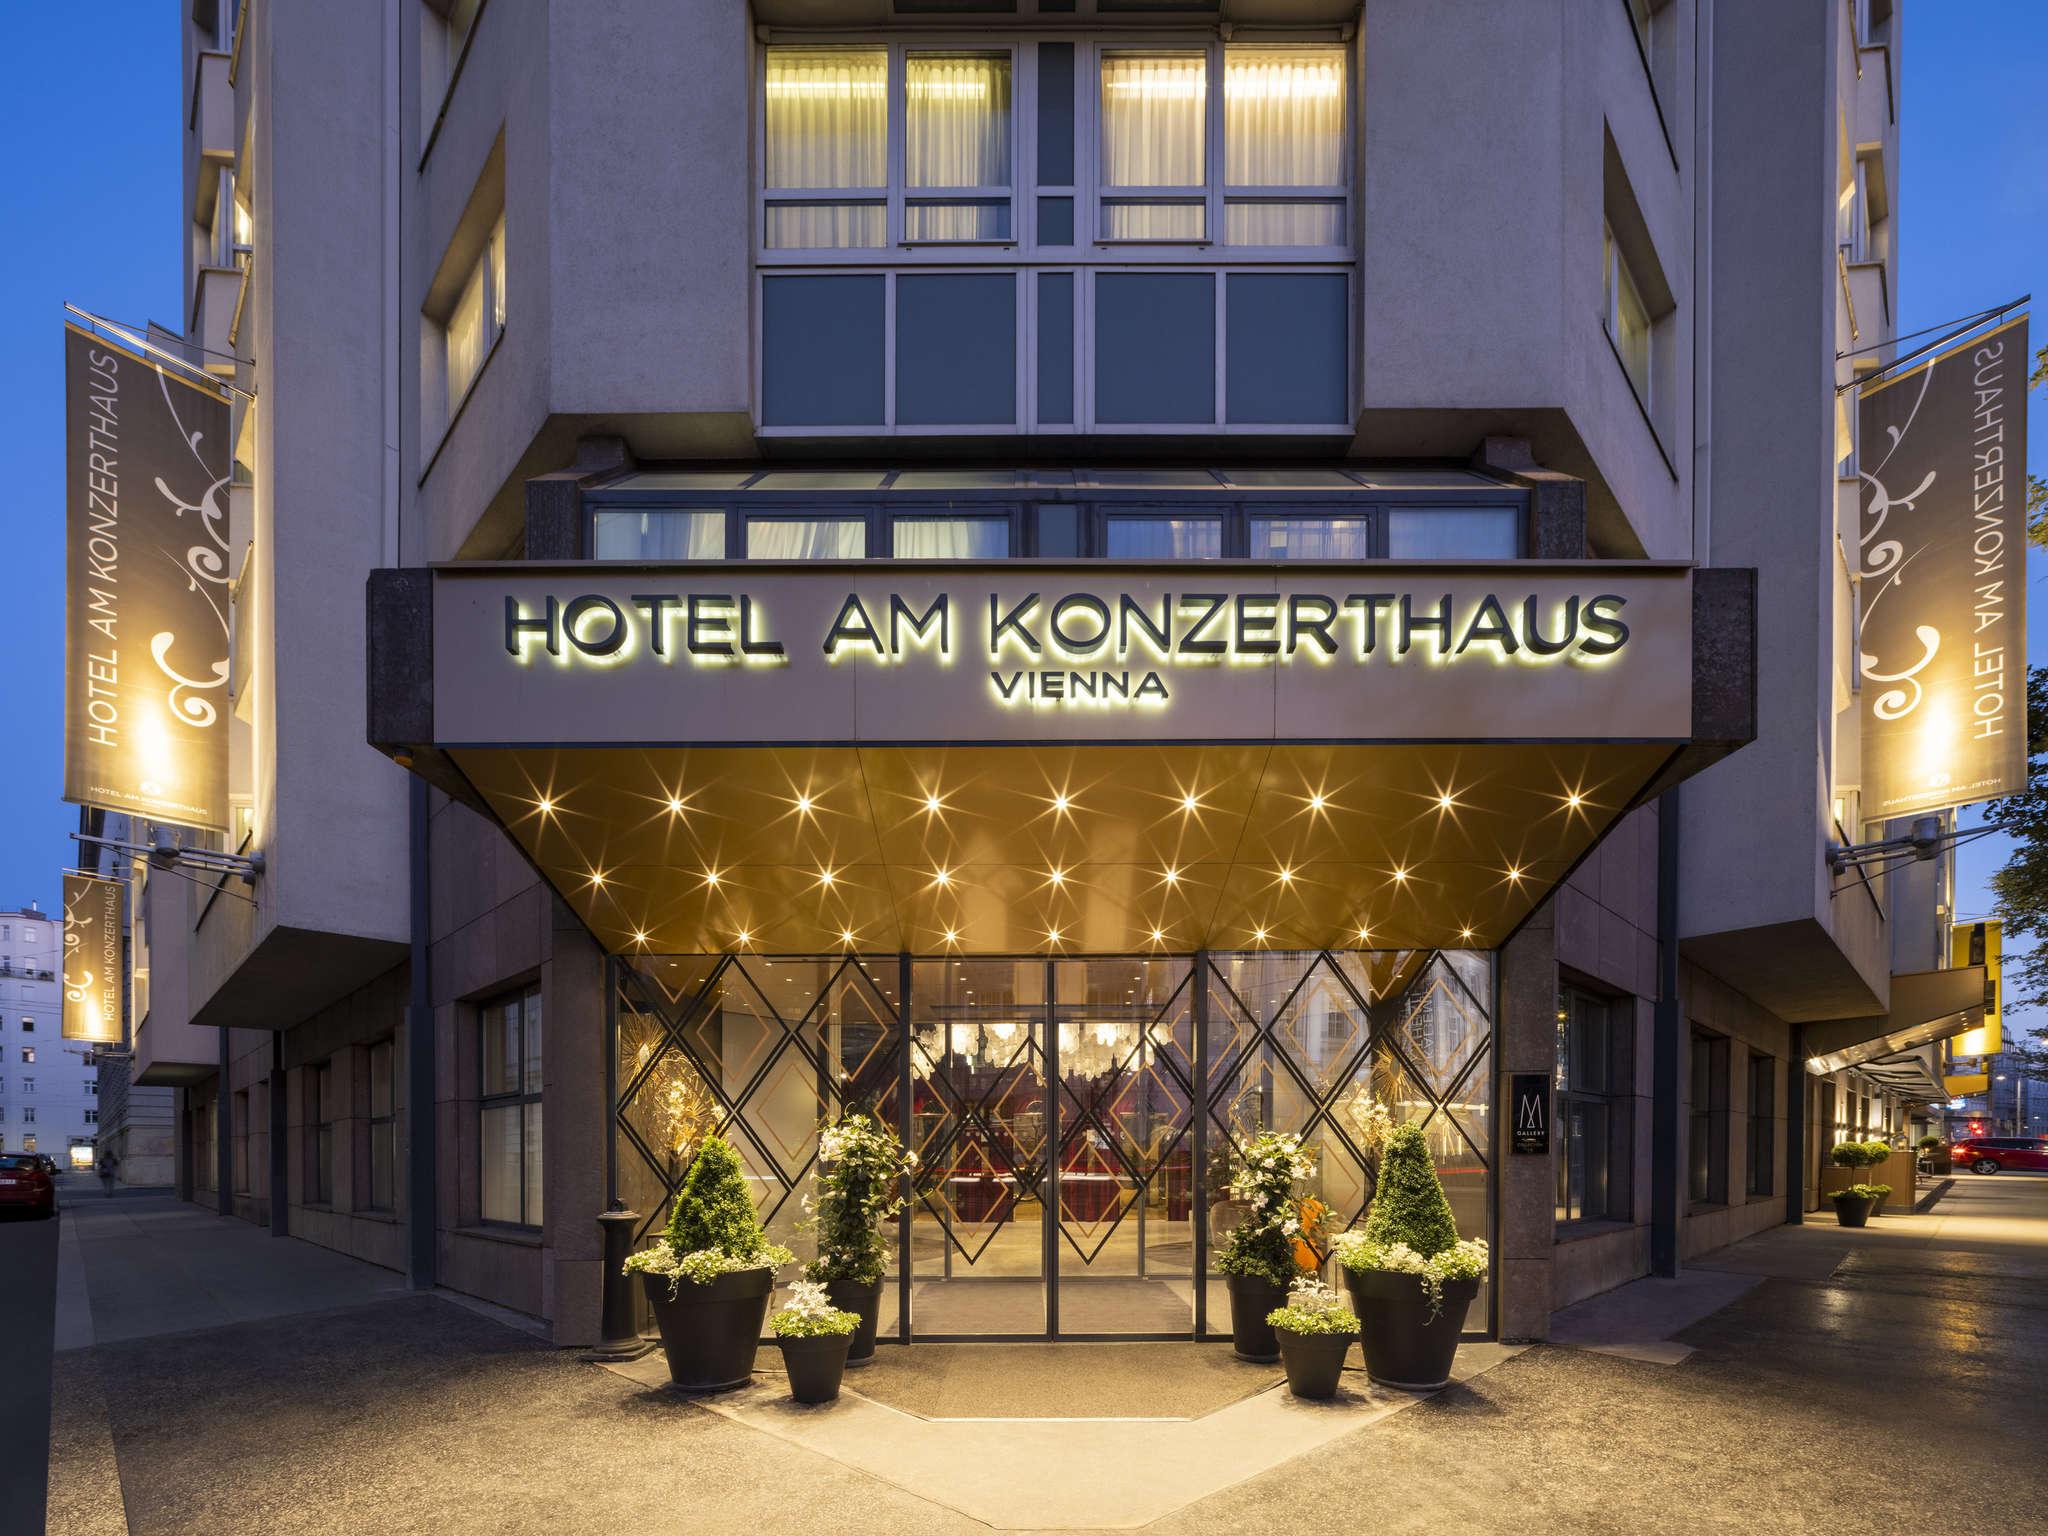 فندق - فندق أم كونسرتهاوس - مجموعة أم غاليري MGallery